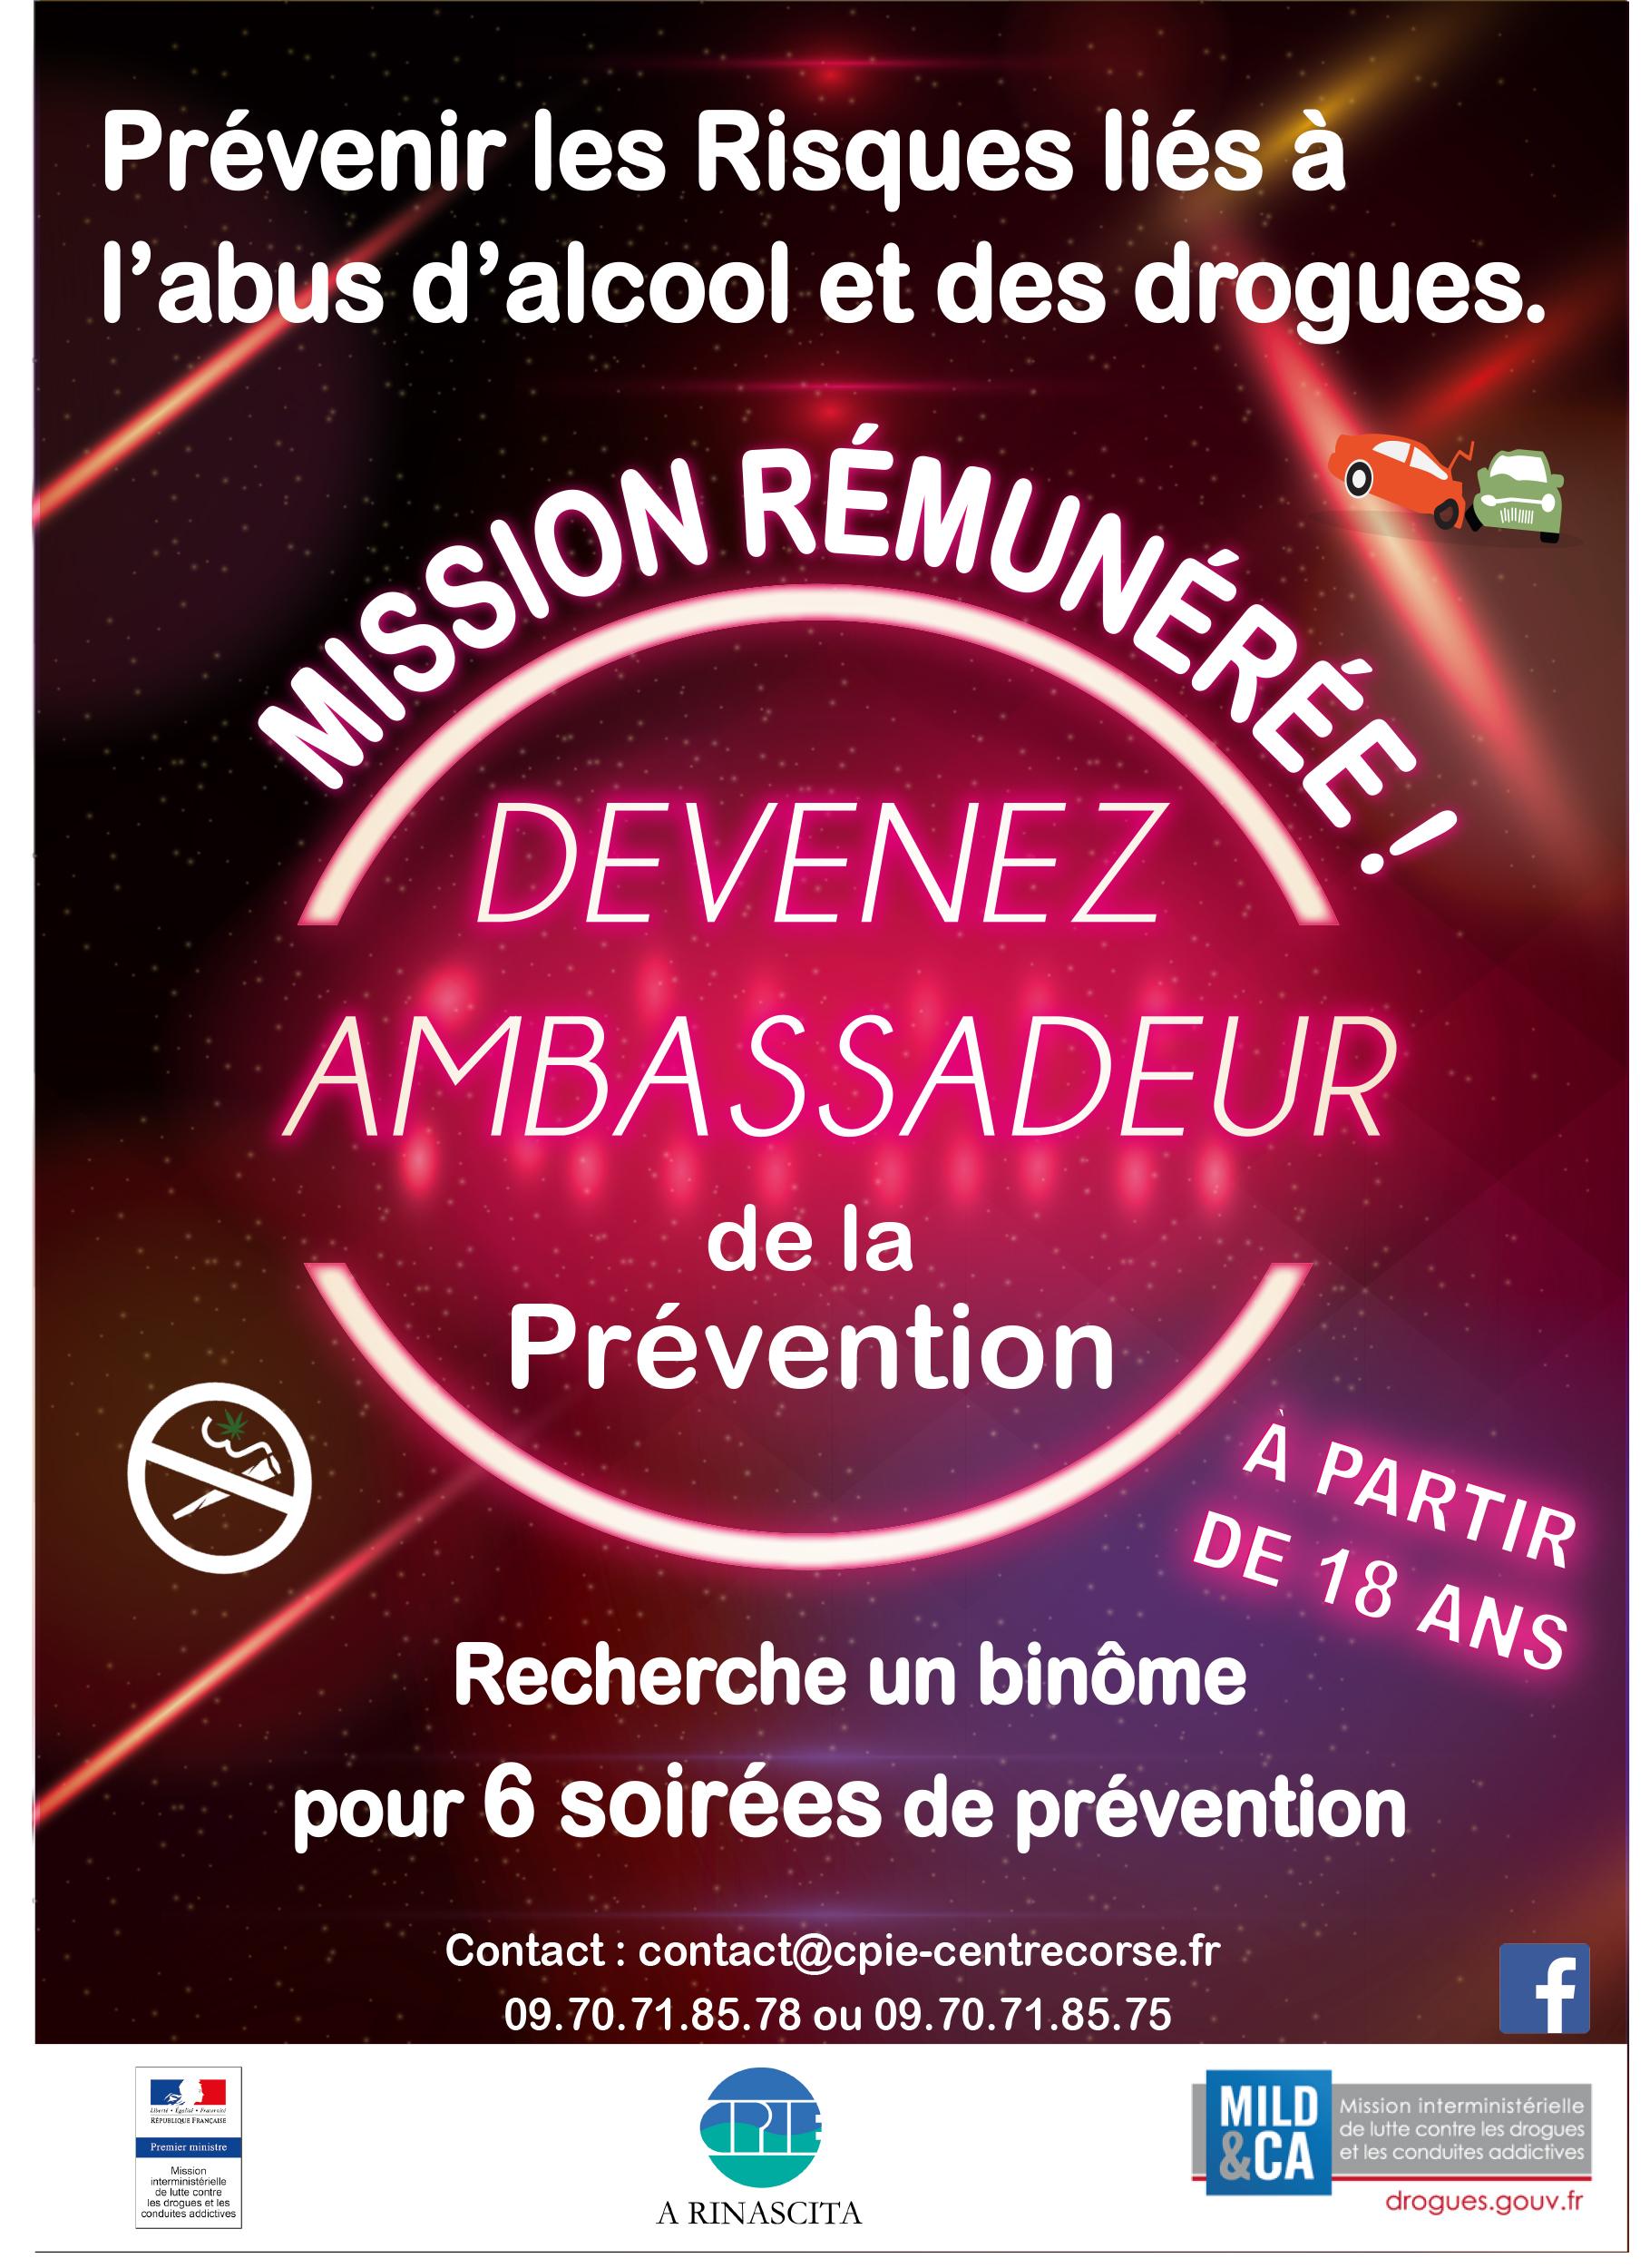 Emploi : Devenez ambassadeurs de la prévention